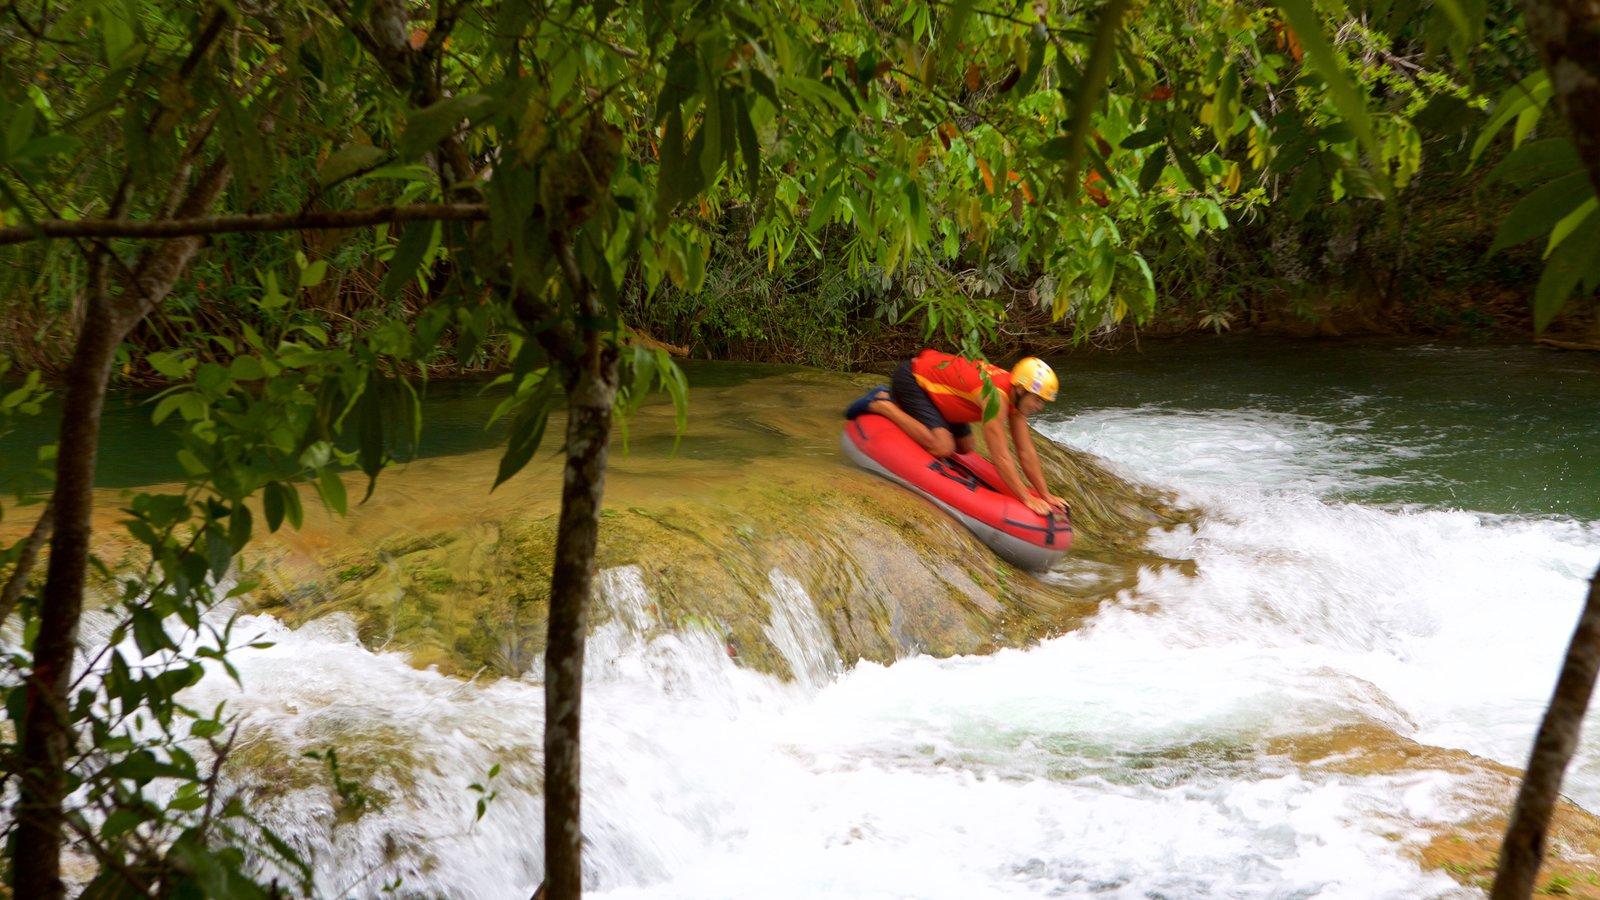 Parque Ecológico Rio Formoso caracterizando córrego, rafting e um rio ou córrego